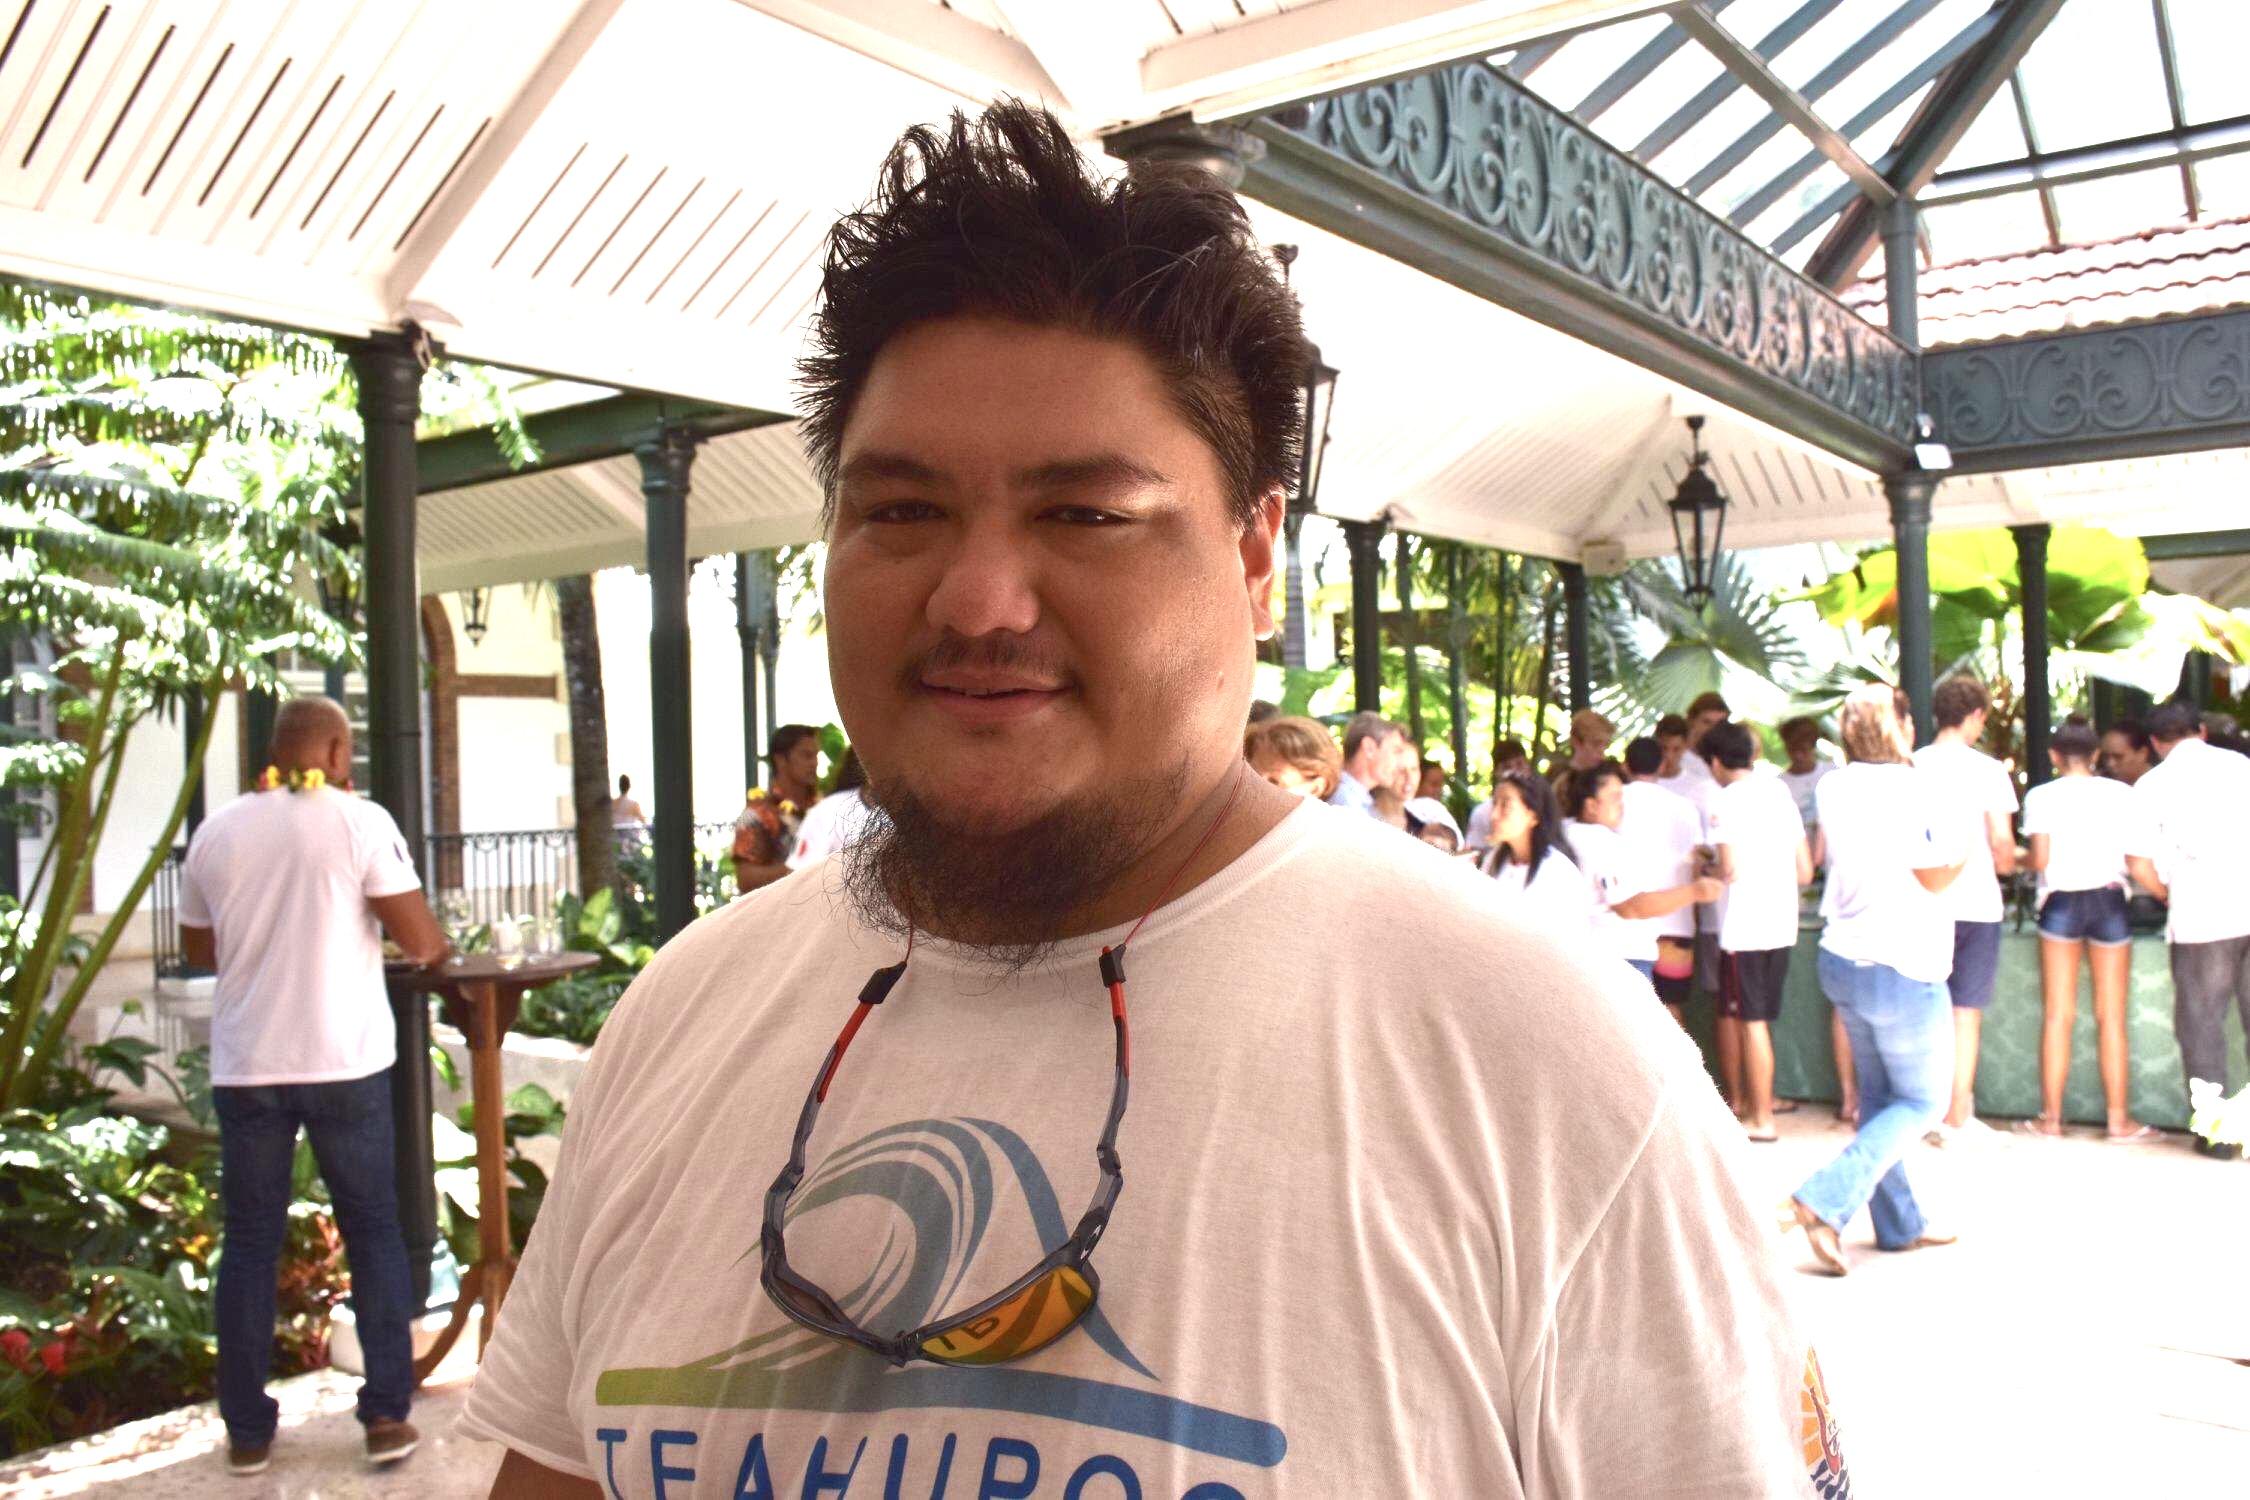 Teahupo'o 2024 : Une vague d'émotion déferle sur le fenua